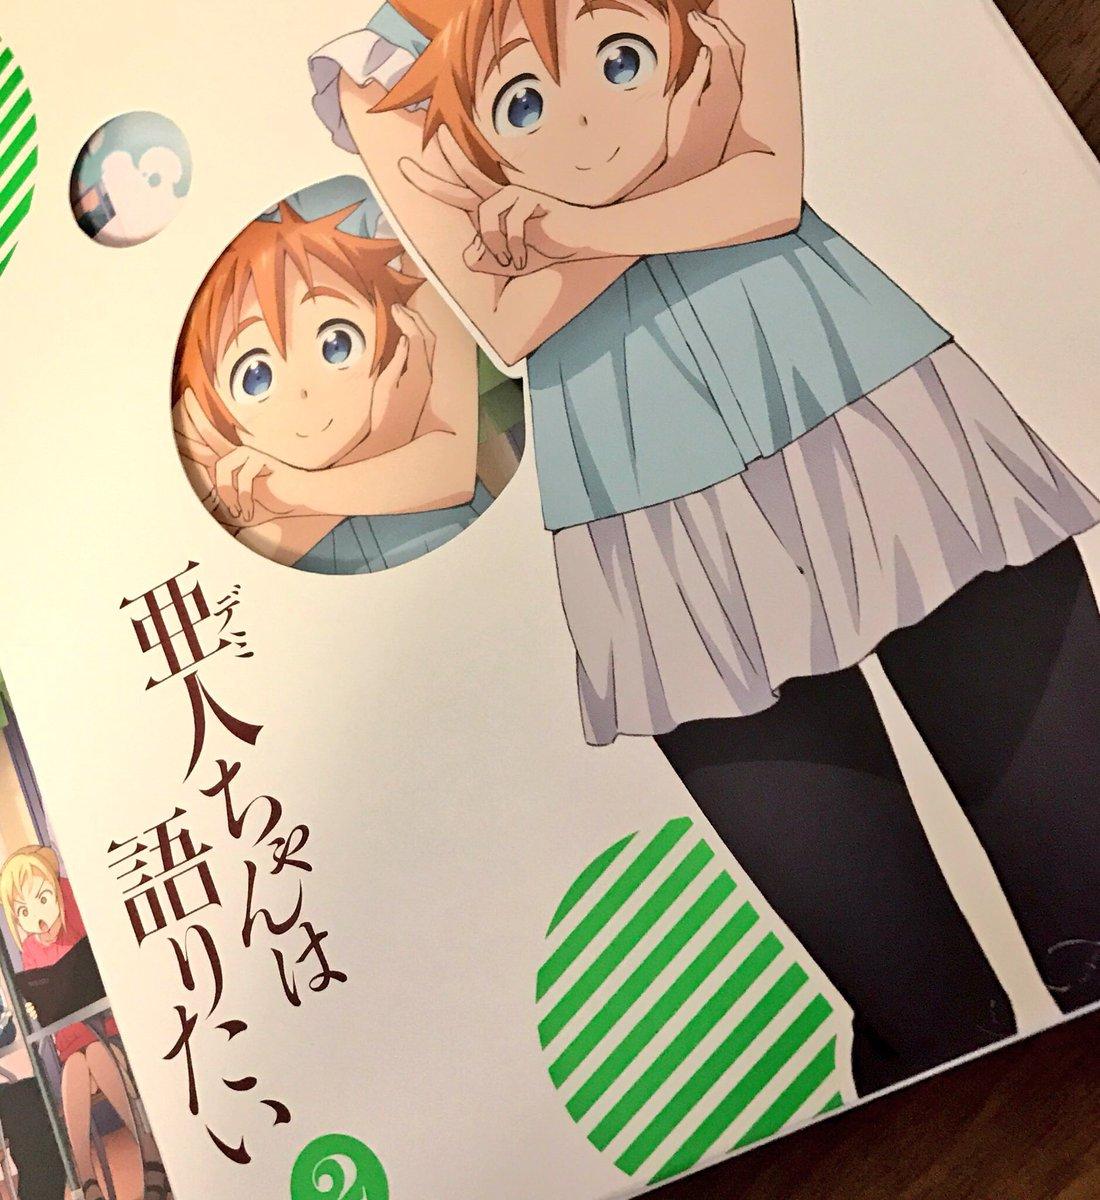 『亜人ちゃんは語りたい』第2巻、本日店着となります!今回のジャケットにはマッチーが登場です。特典CDのひまりキャラソン&